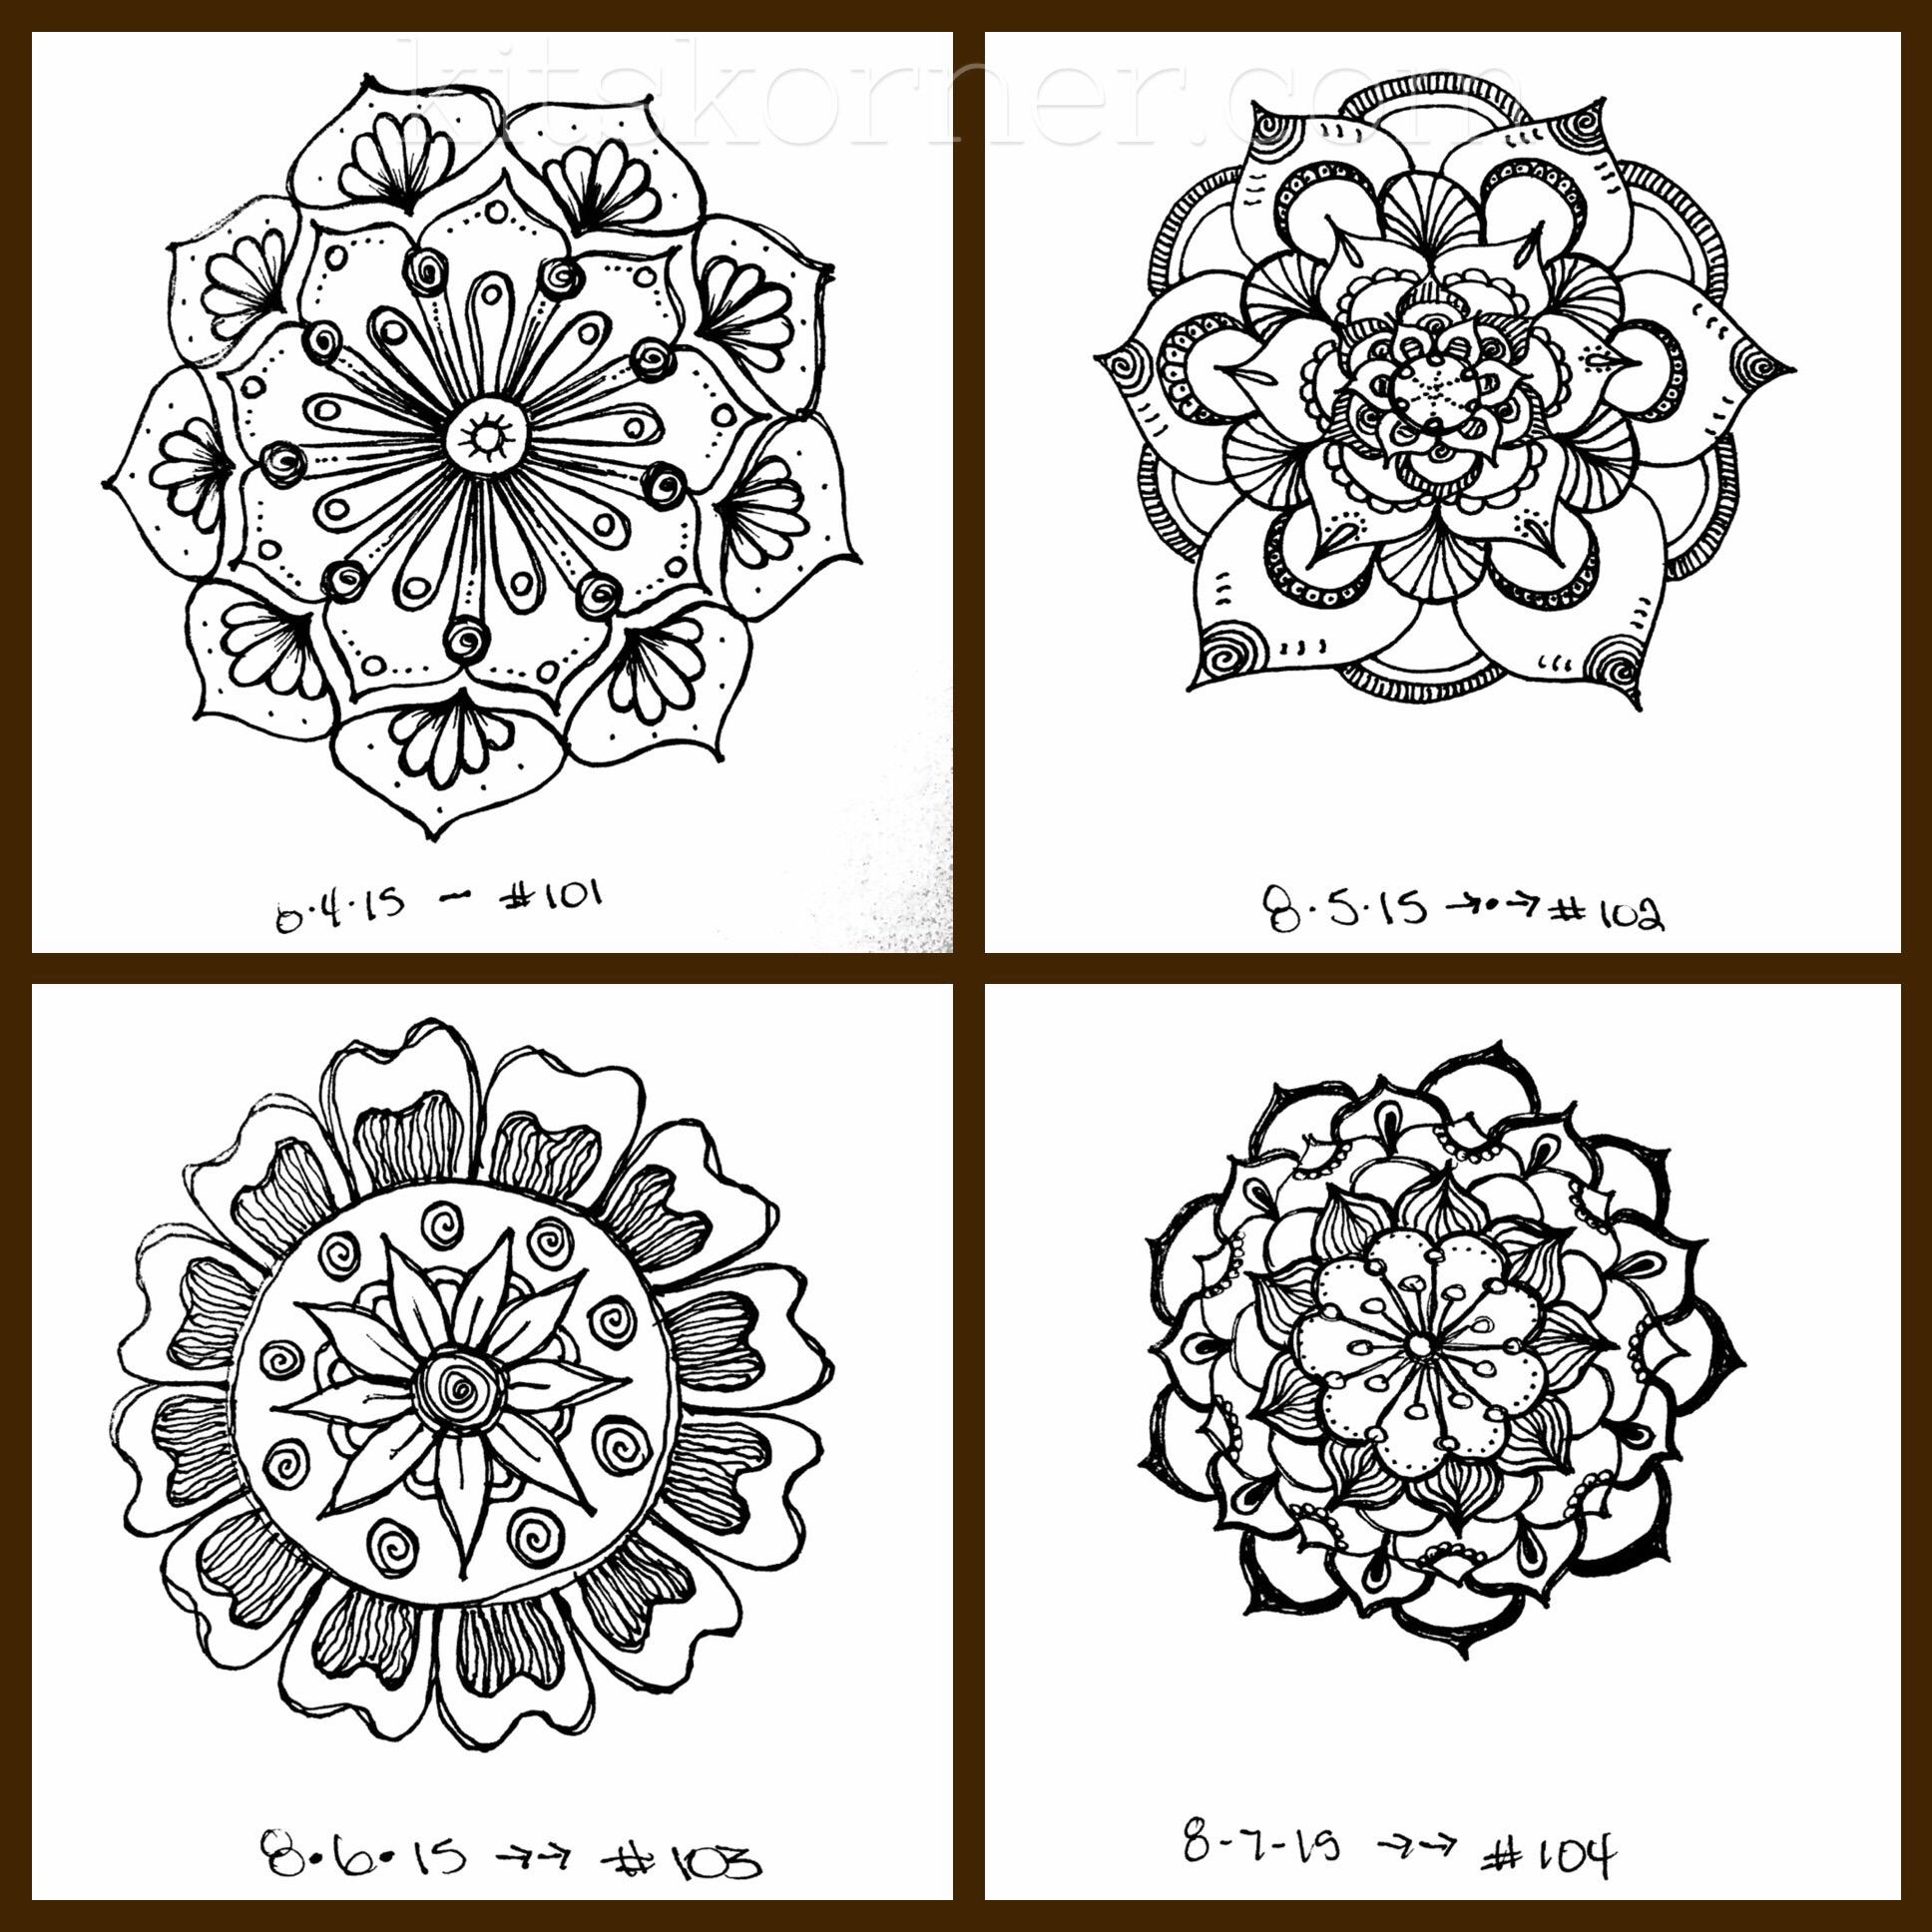 Sketchbook : Beyond 100 Mandalas